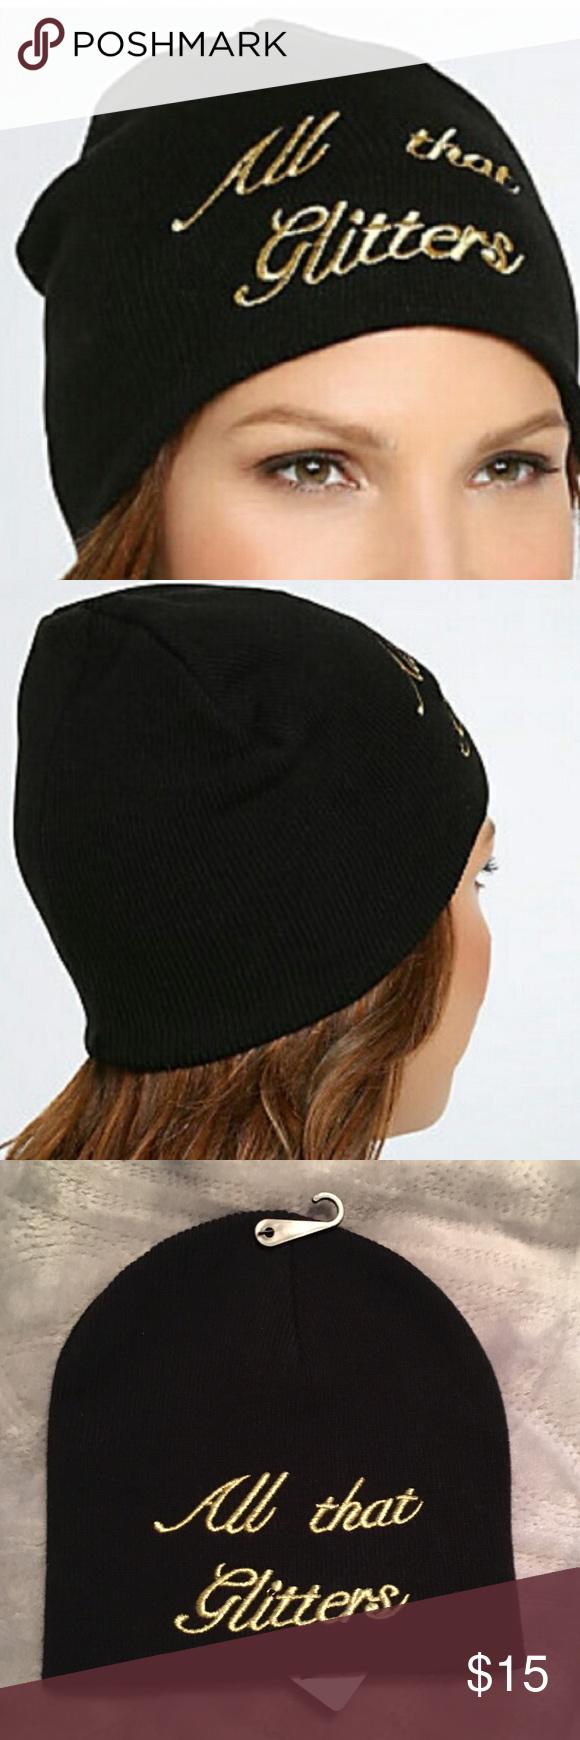 Torrid All that glitters hat Torrid all that glitters hat torrid Accessories Hats